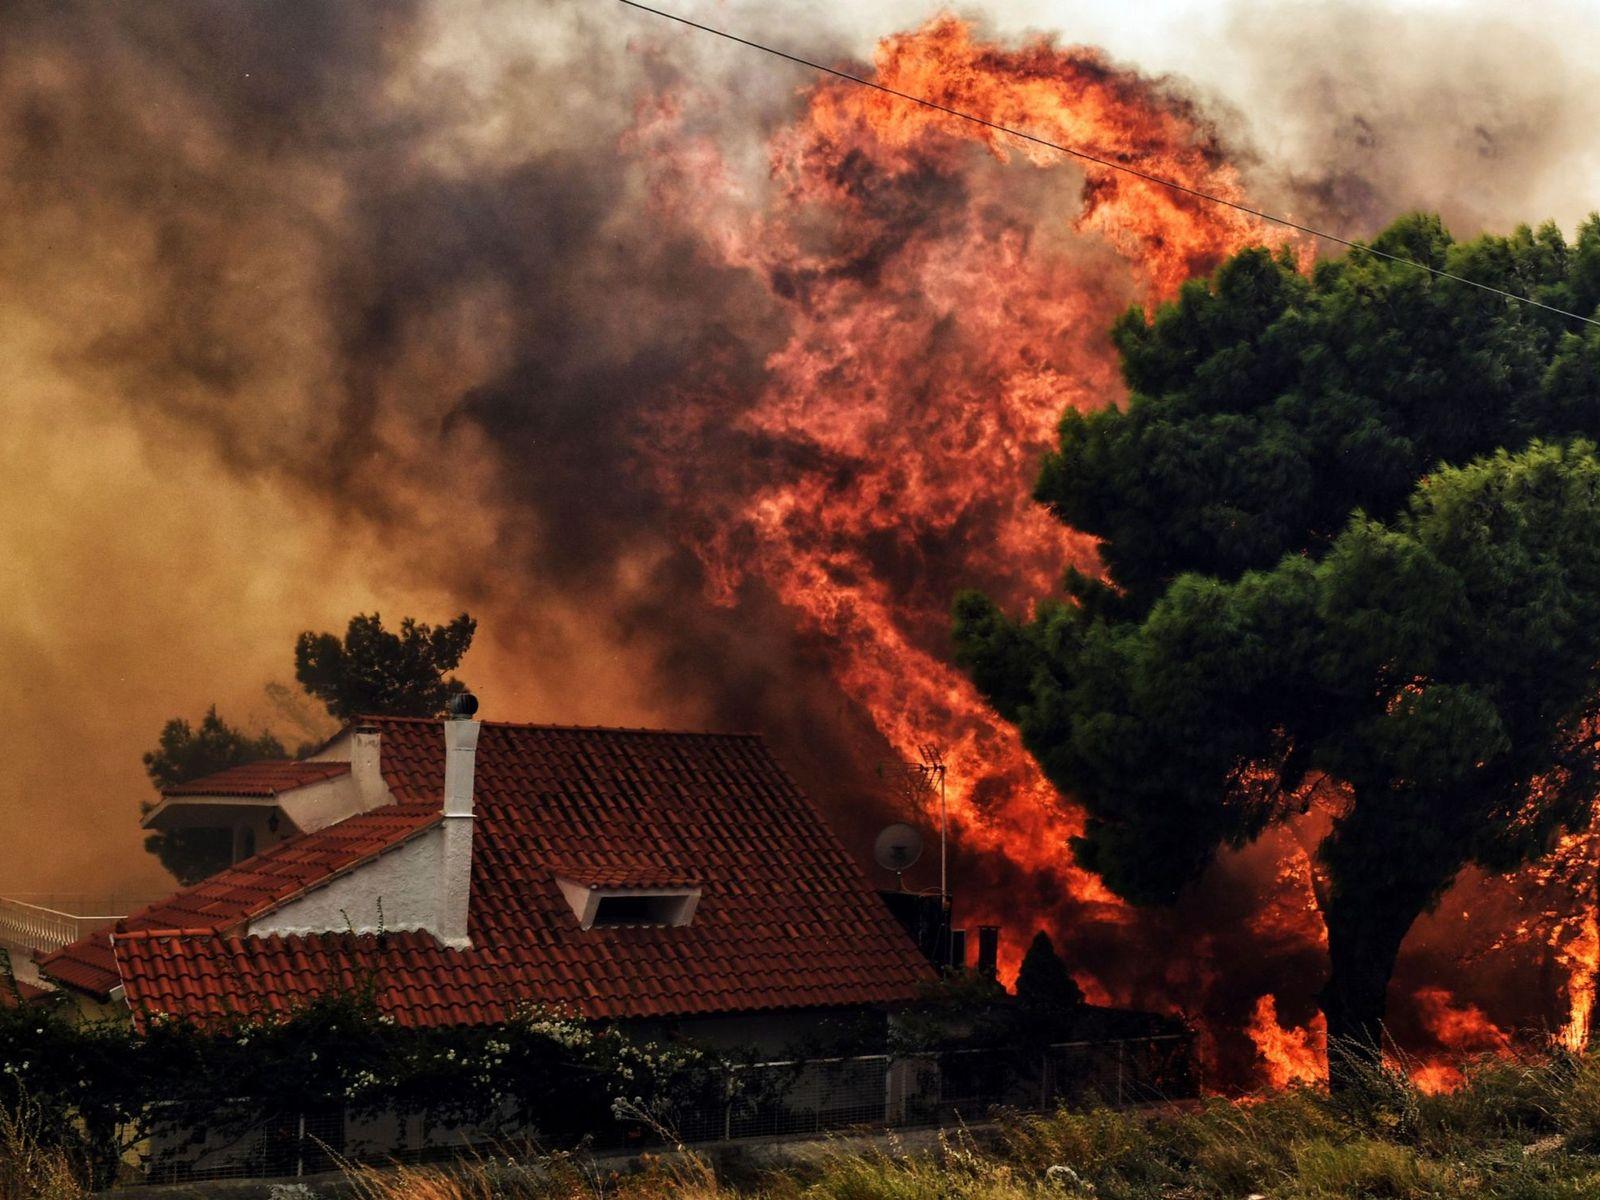 incendio-grecia-24-julio-02